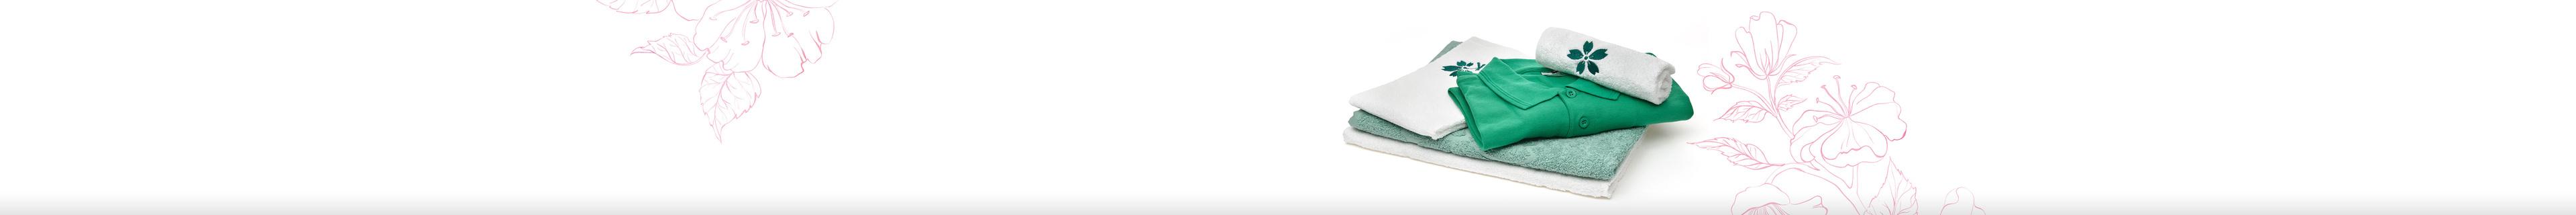 Obrázek kategorie Textilie